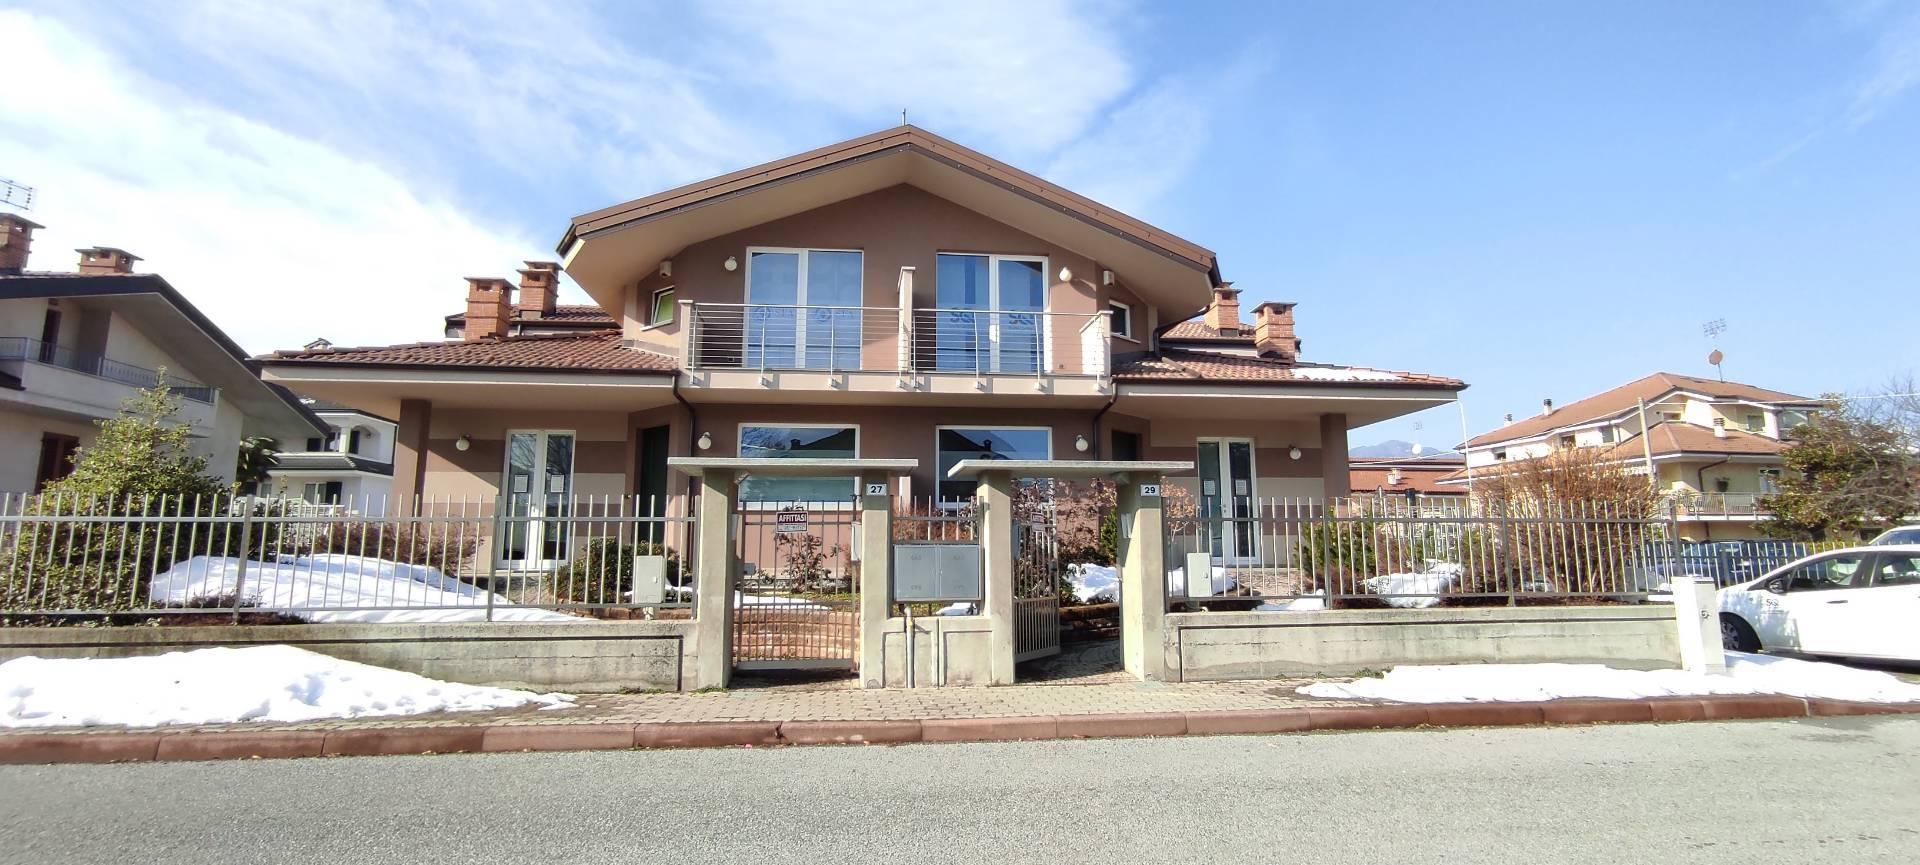 Ufficio in affitto a Borgo San Dalmazzo (CN)